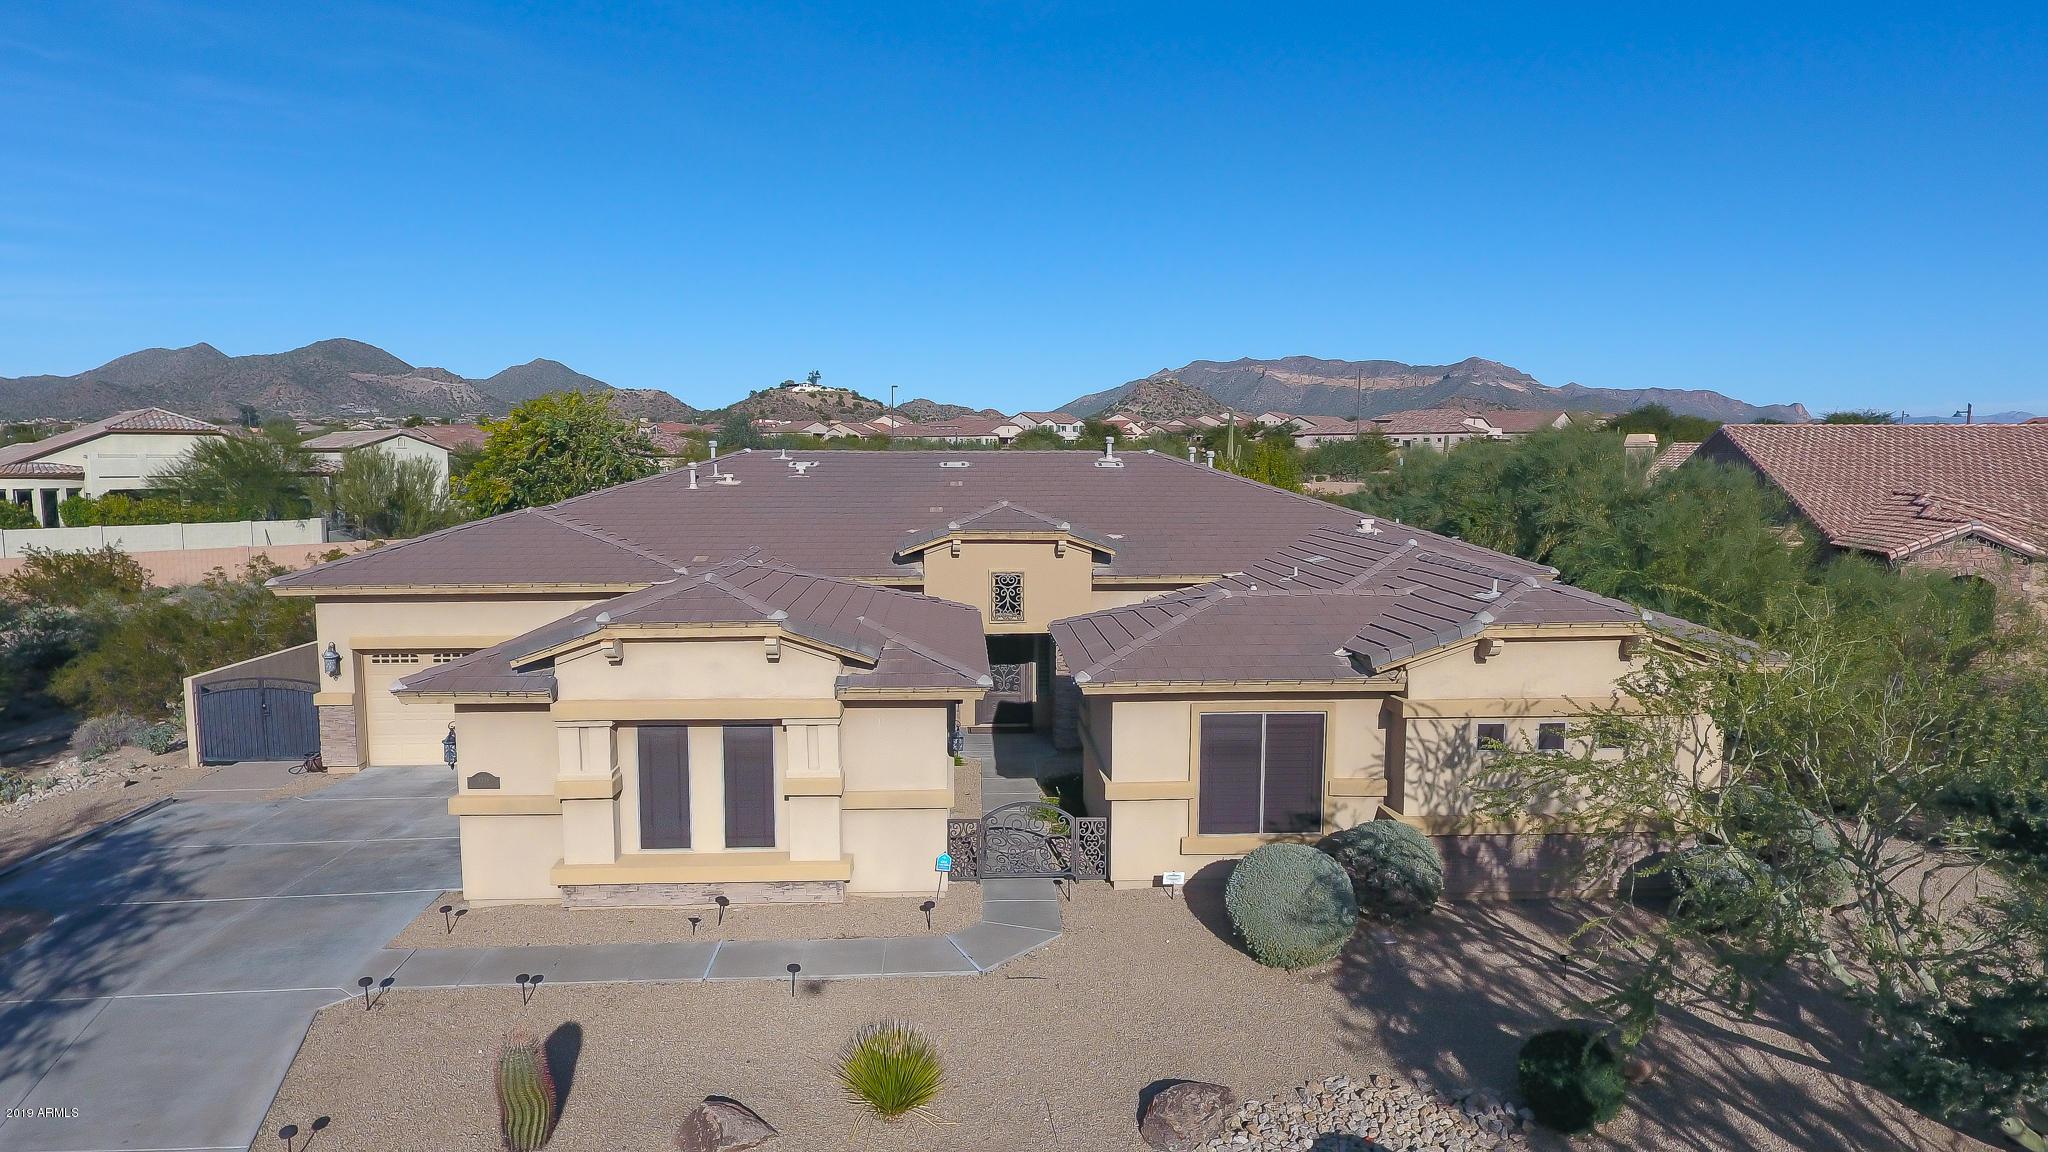 Photo of 8338 E KAEL Street, Mesa, AZ 85207